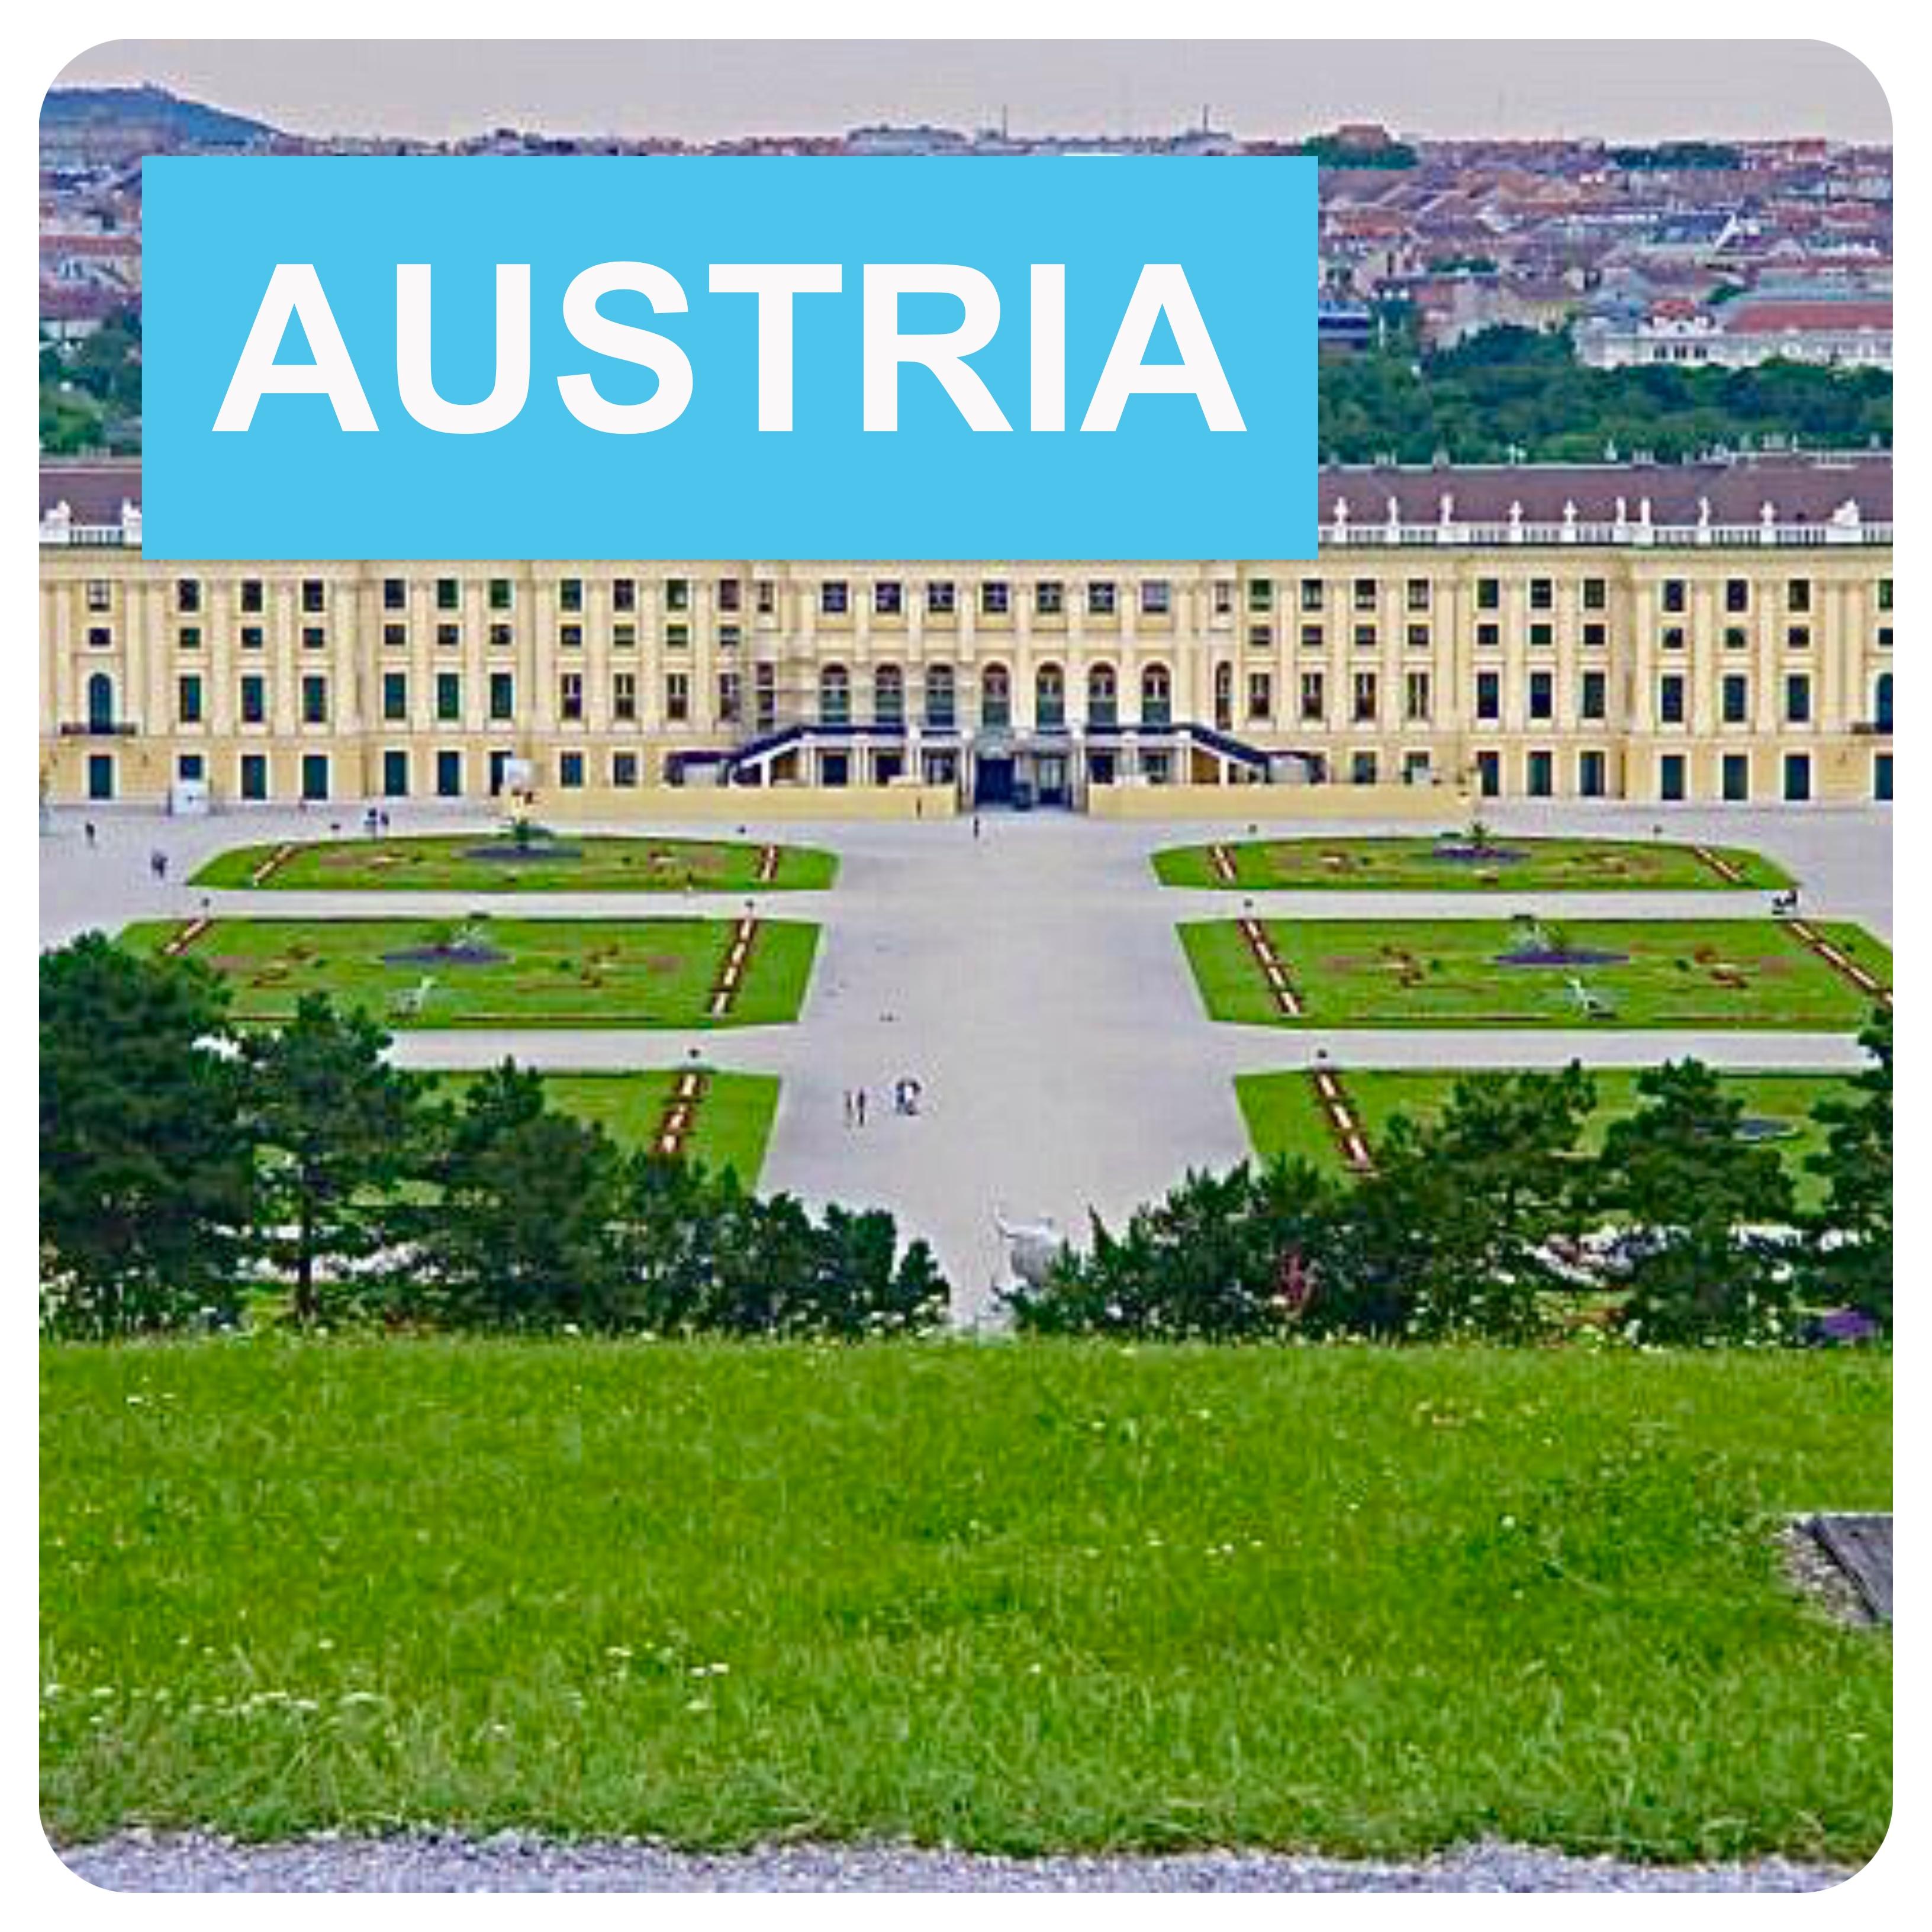 Noleggio auto austria senza carta di credito